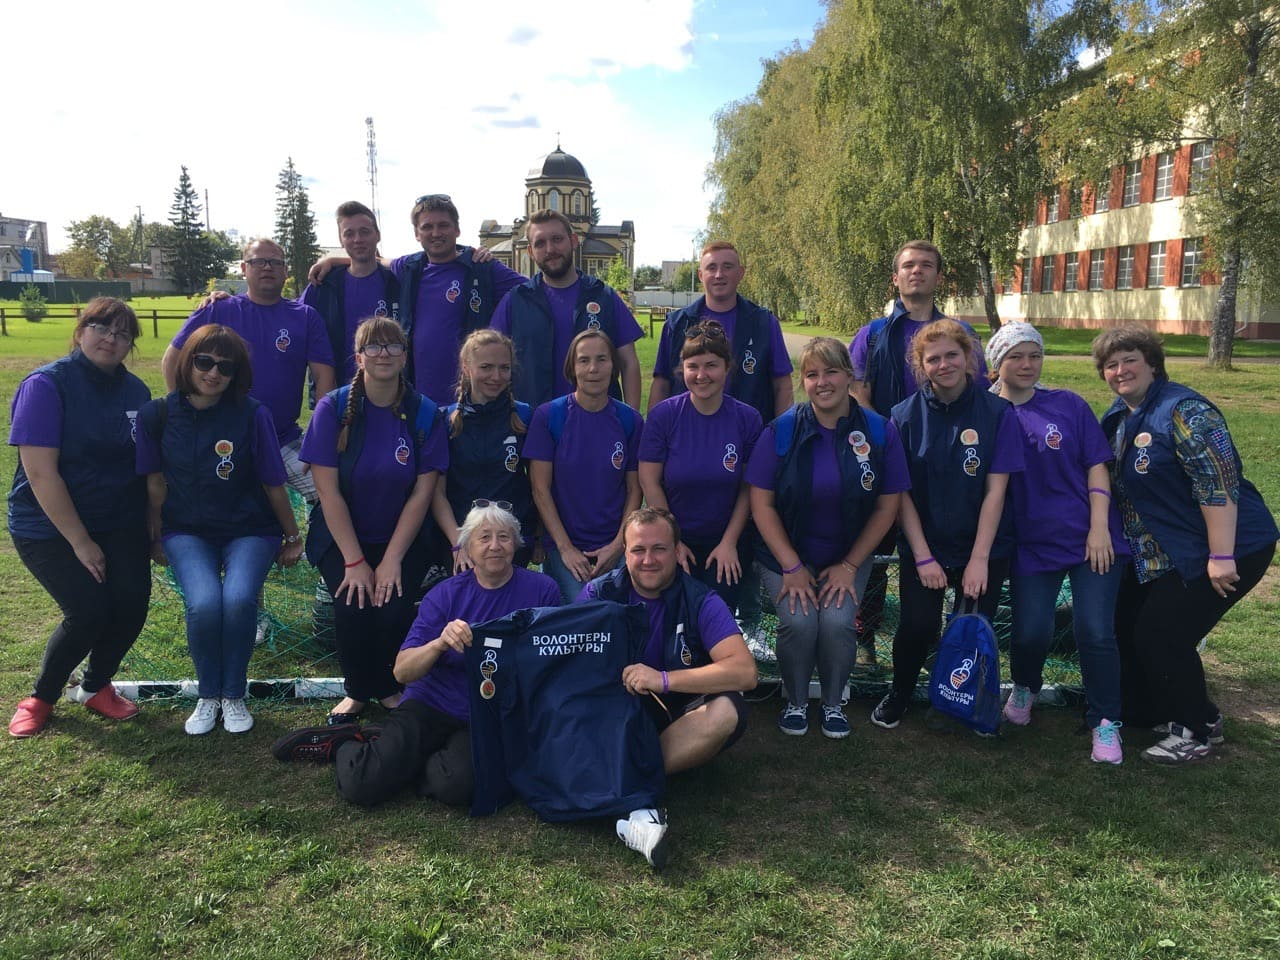 Нижегородские волонтеры культуры помогли с благоустройством Псковско-Печорского Свято-Успенского монастыря